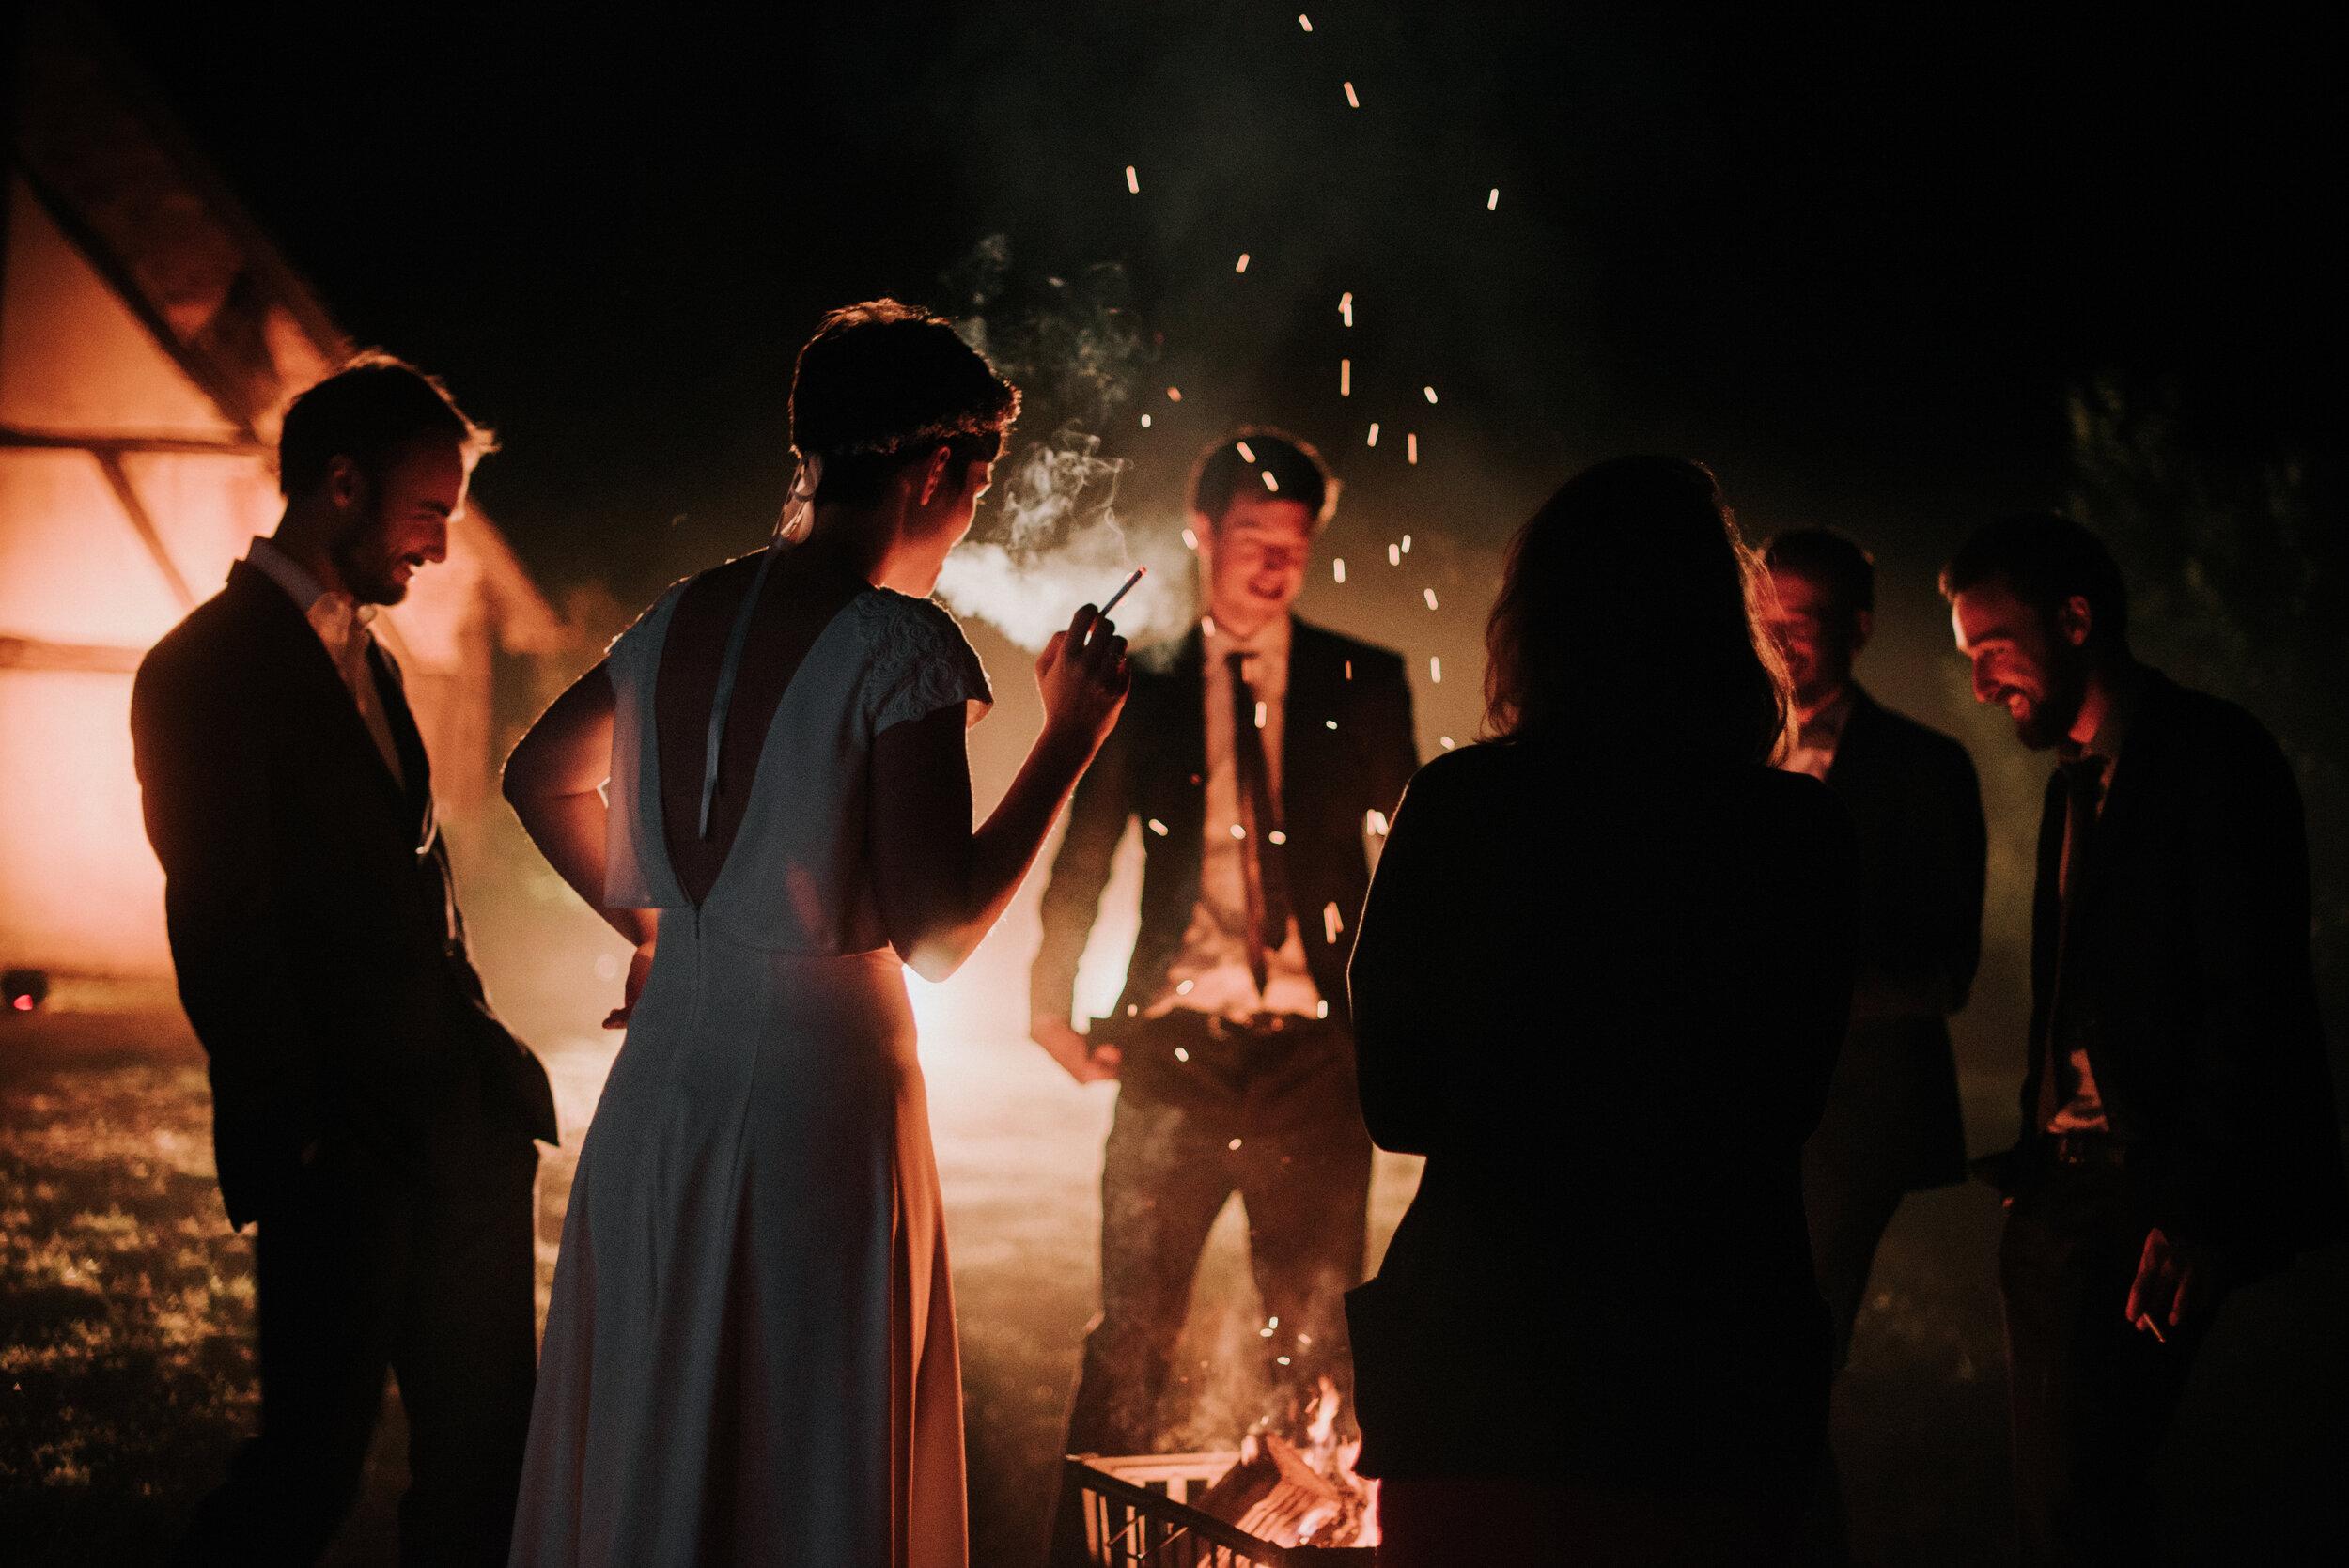 Léa-Fery-photographe-professionnel-lyon-rhone-alpes-portrait-creation-mariage-evenement-evenementiel-famille-7329.jpg